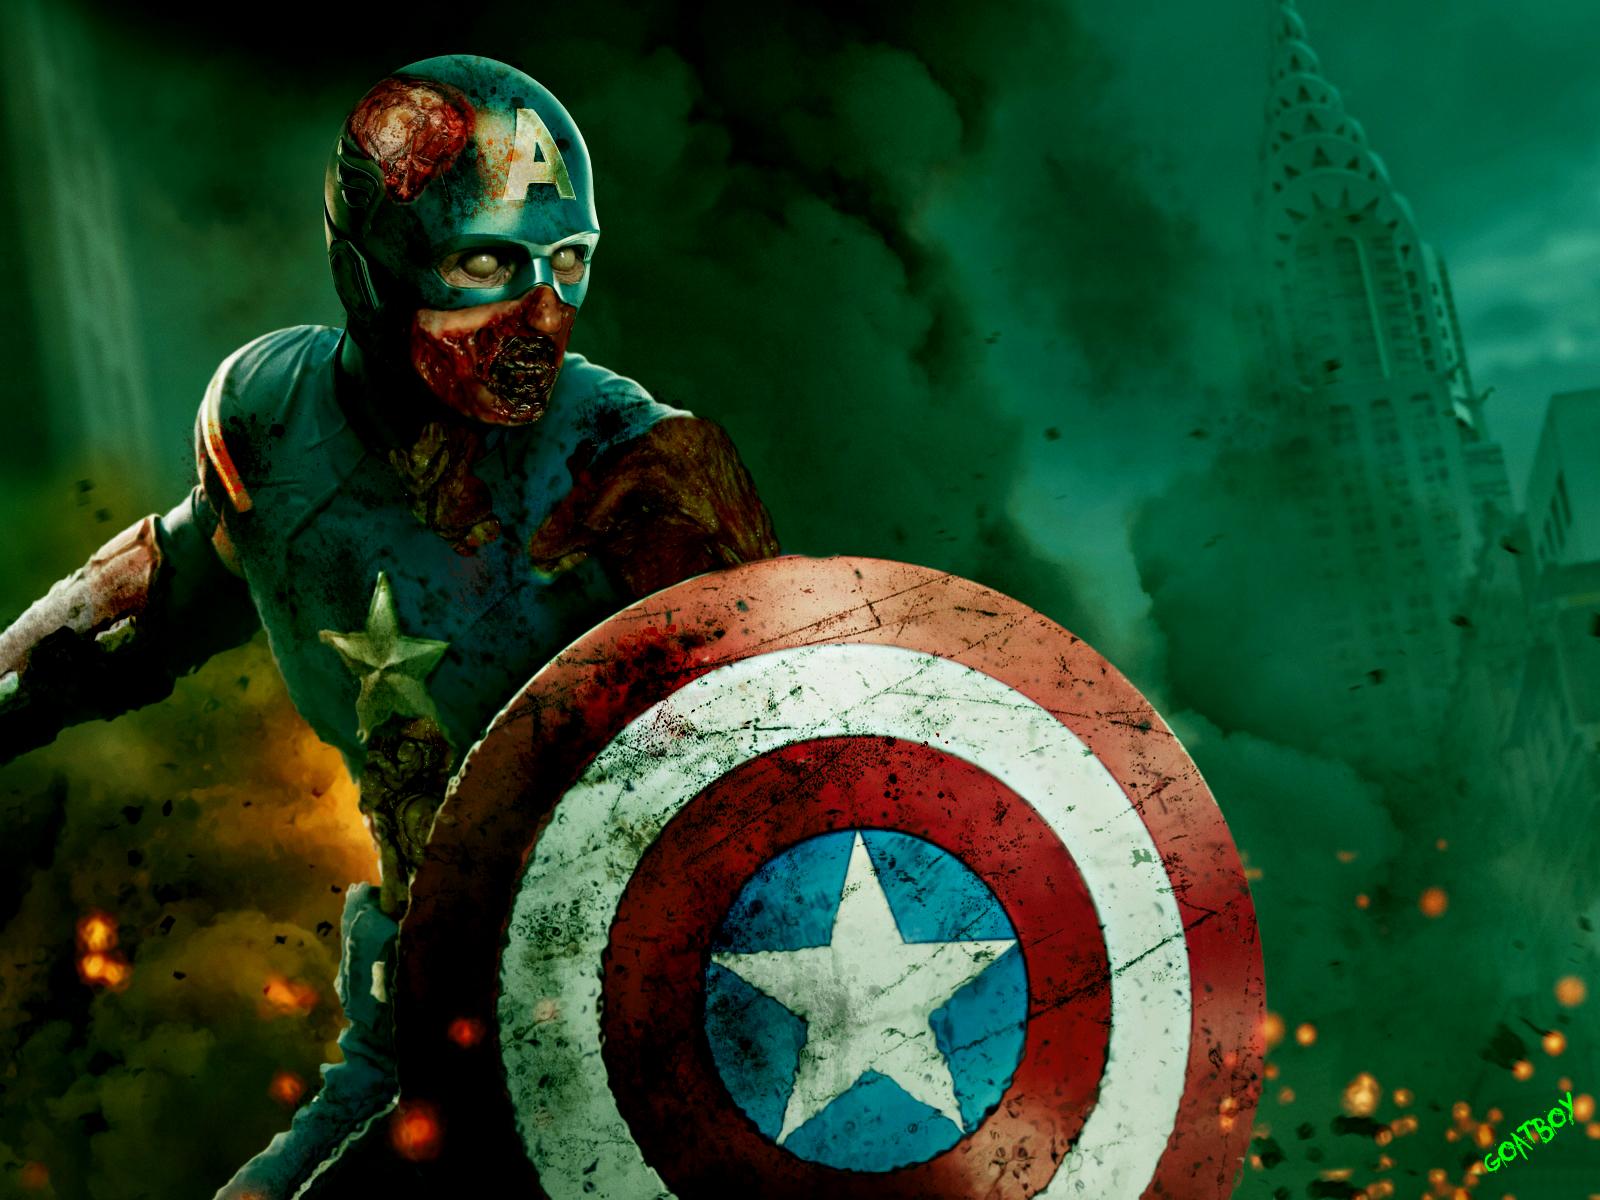 Trzeci Kapitan Ameryka miał wyglądać zupełnie inaczej. Zamiast Civil War, w planach były… zombie